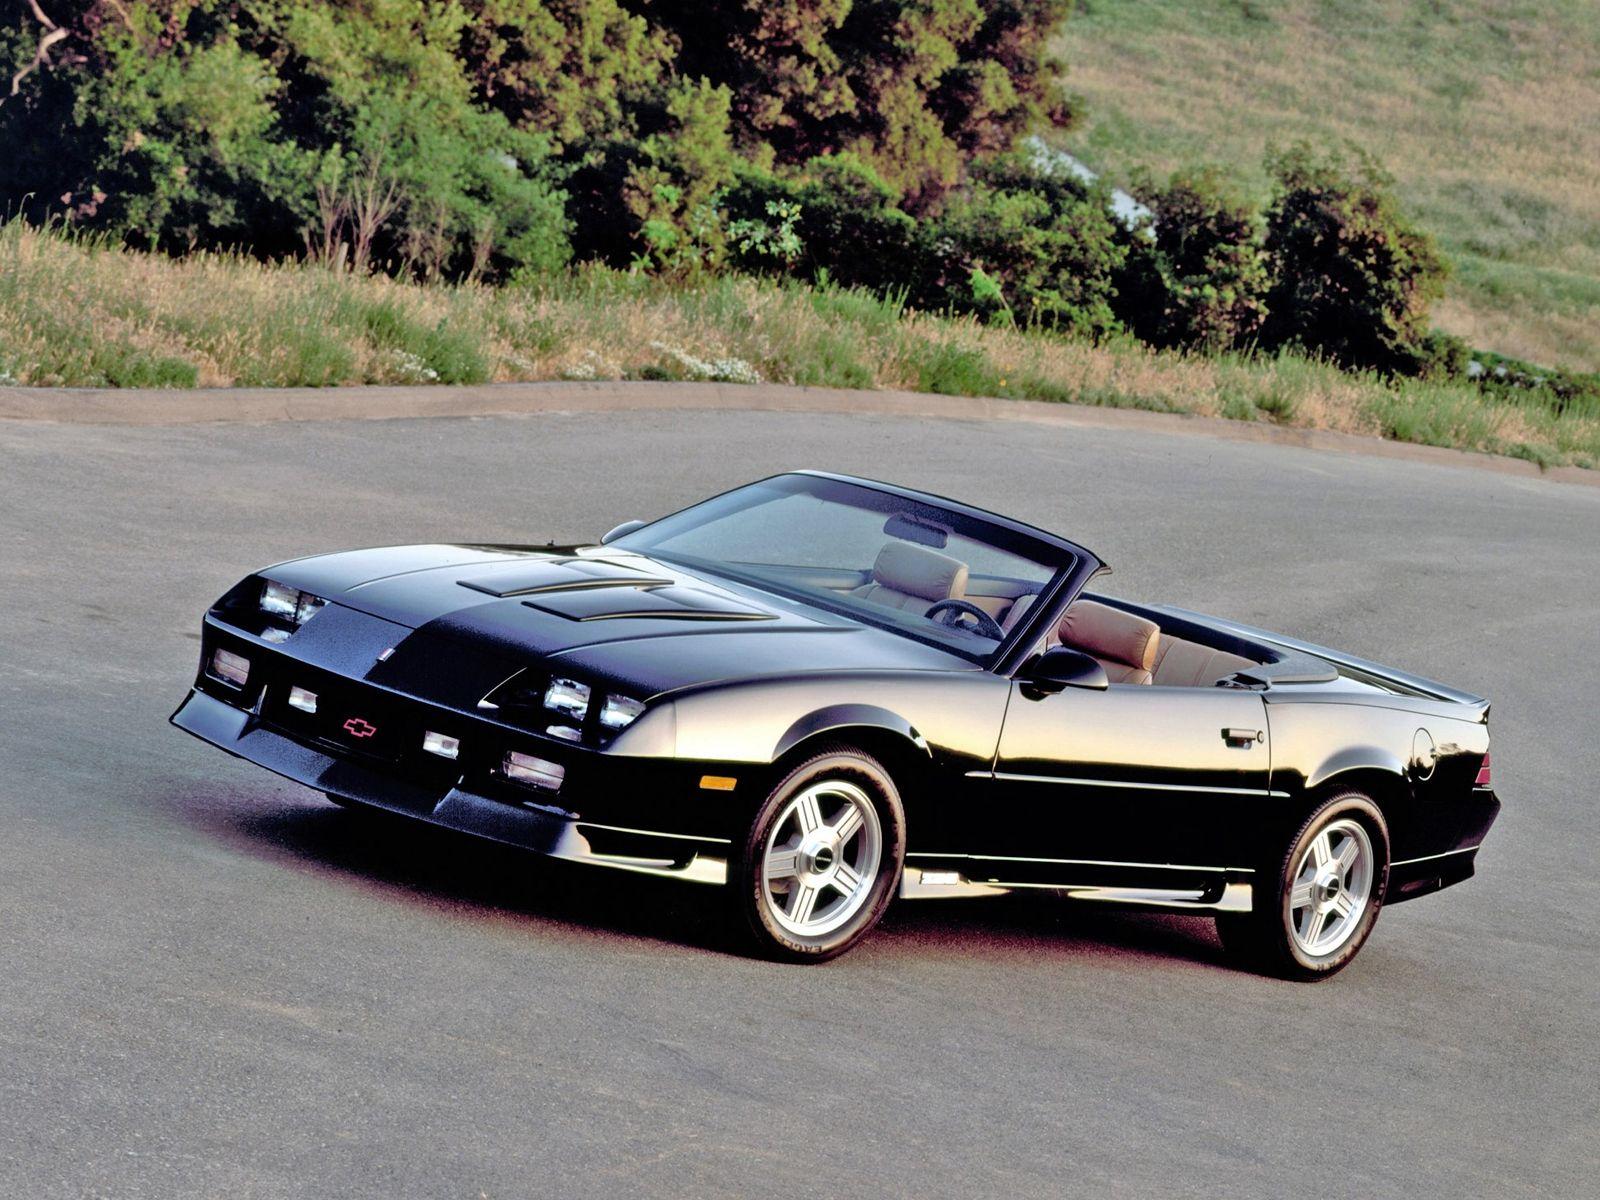 Chevrolet Camaro Z28 Convertible 1991 Cool Camaros